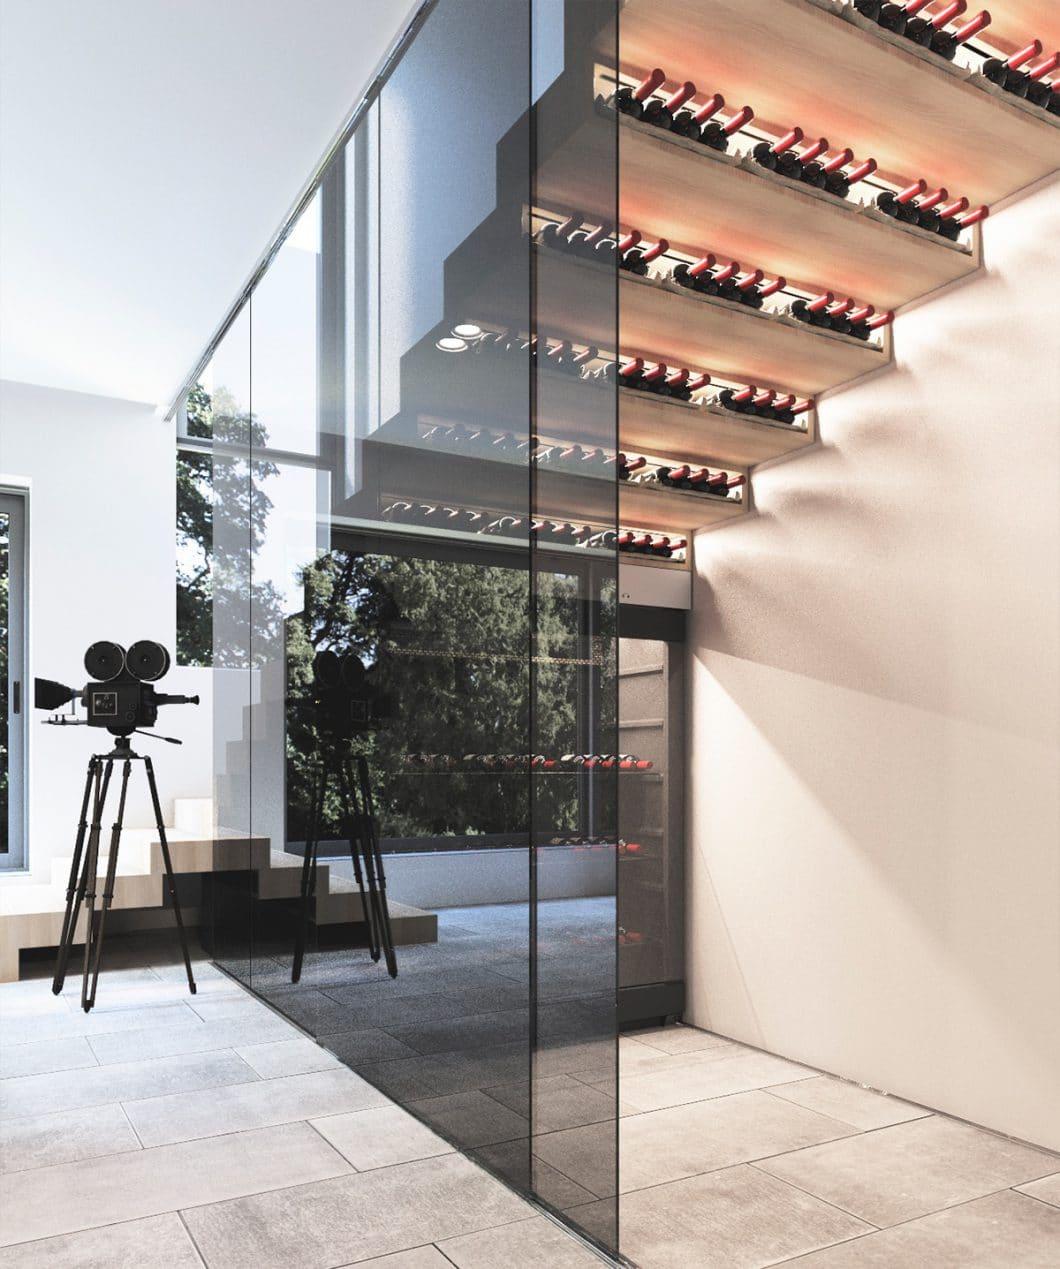 Ja, unter - oder IN der Treppe - ist wirklich ein guter Lagerplatz. Wobei diese Visualisierung wohl kaum einsetzbar ist - schließlich sollte Wein eher dunkel gelagert werden. (Visualizer: Andriy Voskolovich)